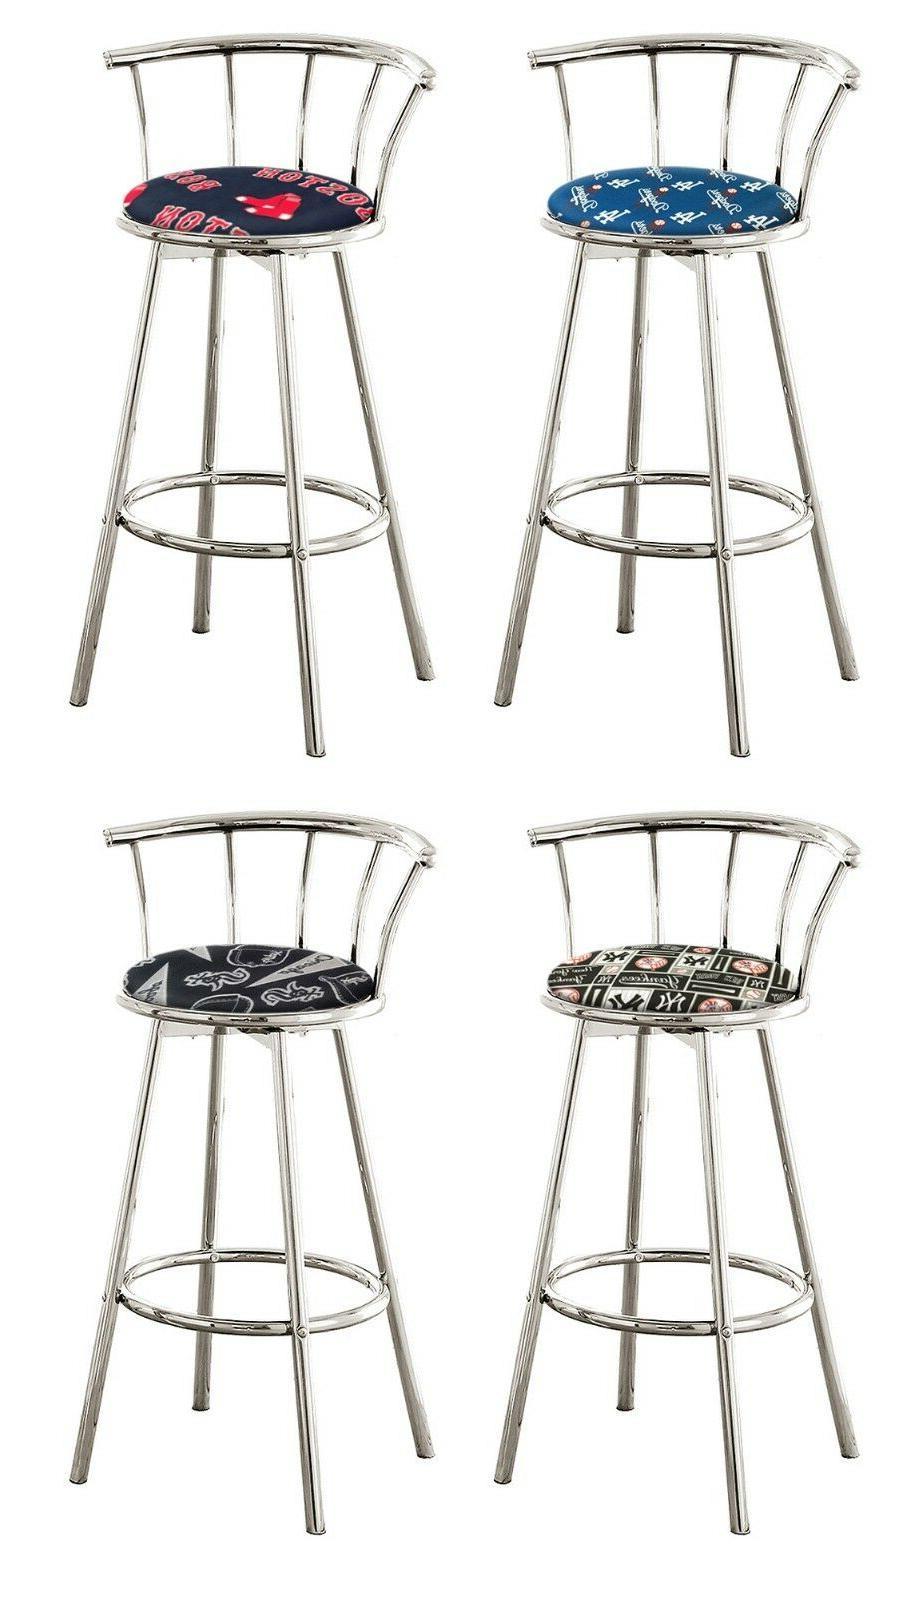 mlb bar stool 24 or 29 tall